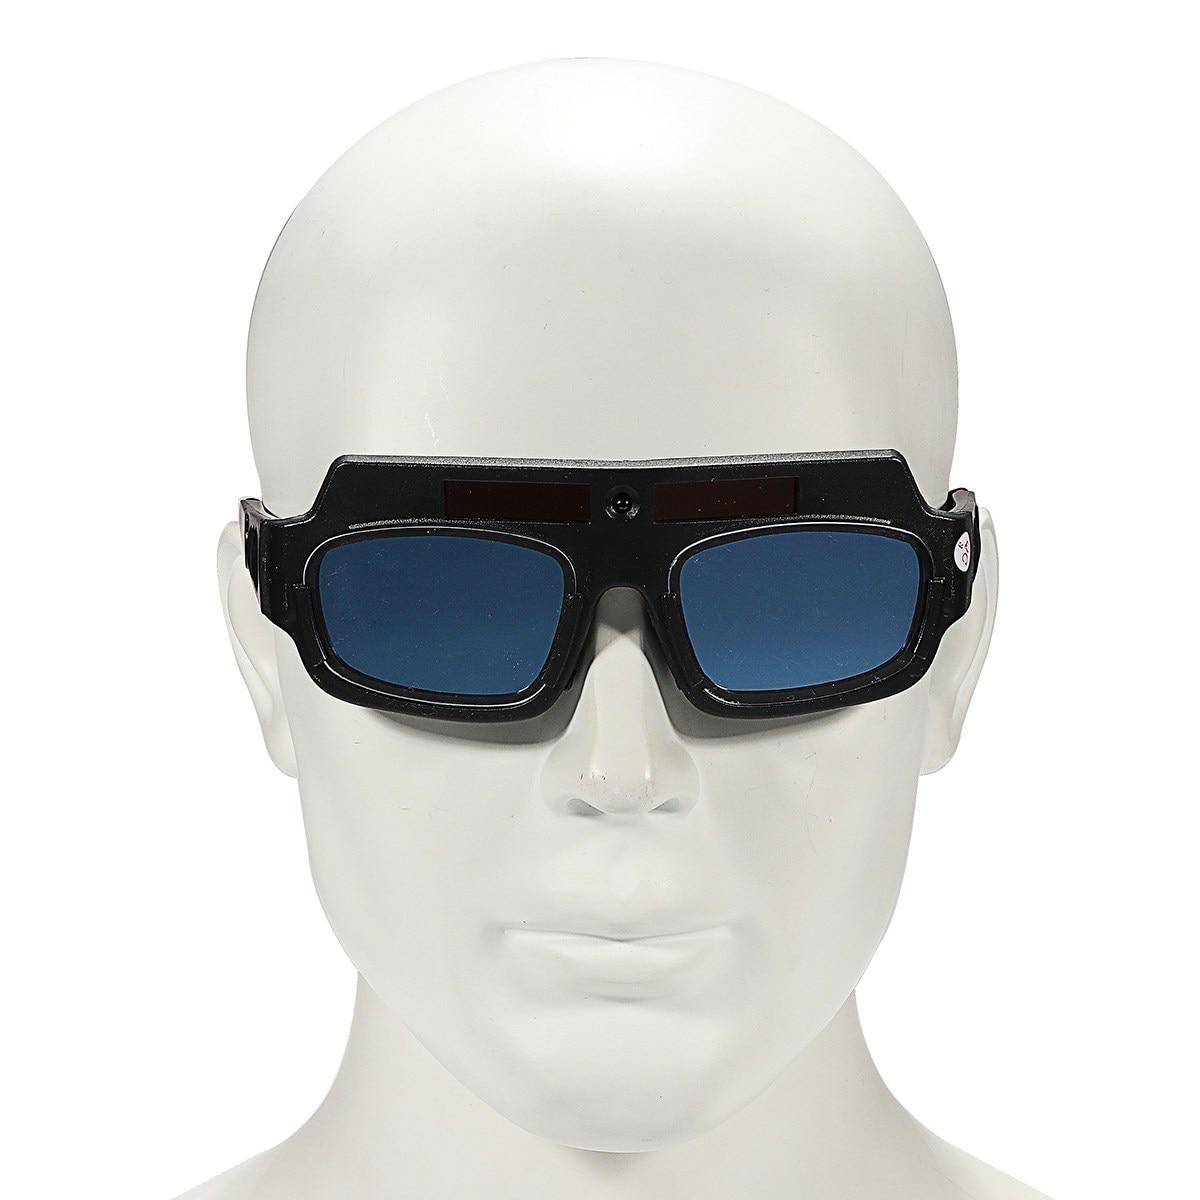 NEUE Safurance Solar-Auto Verdunkelung Schweißmaske Helm Augen Goggle Schweißen Gläser Arbeitsplatz Sicherheit Augenschutz